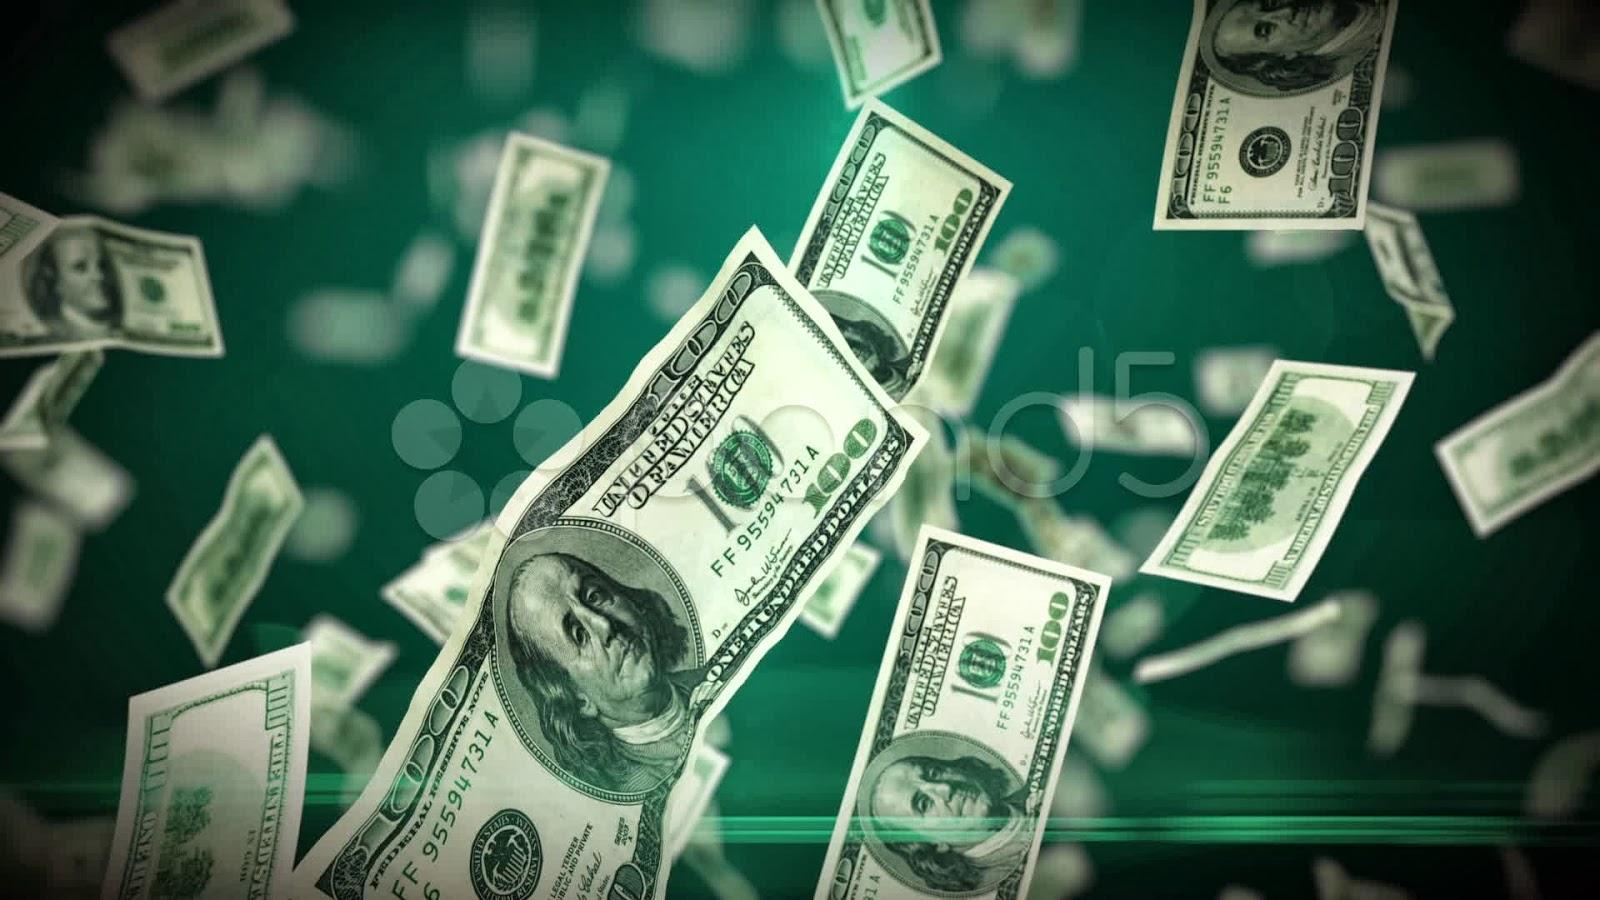 Os dez bilionários mais ricos do mundo - Revista Forbes 1